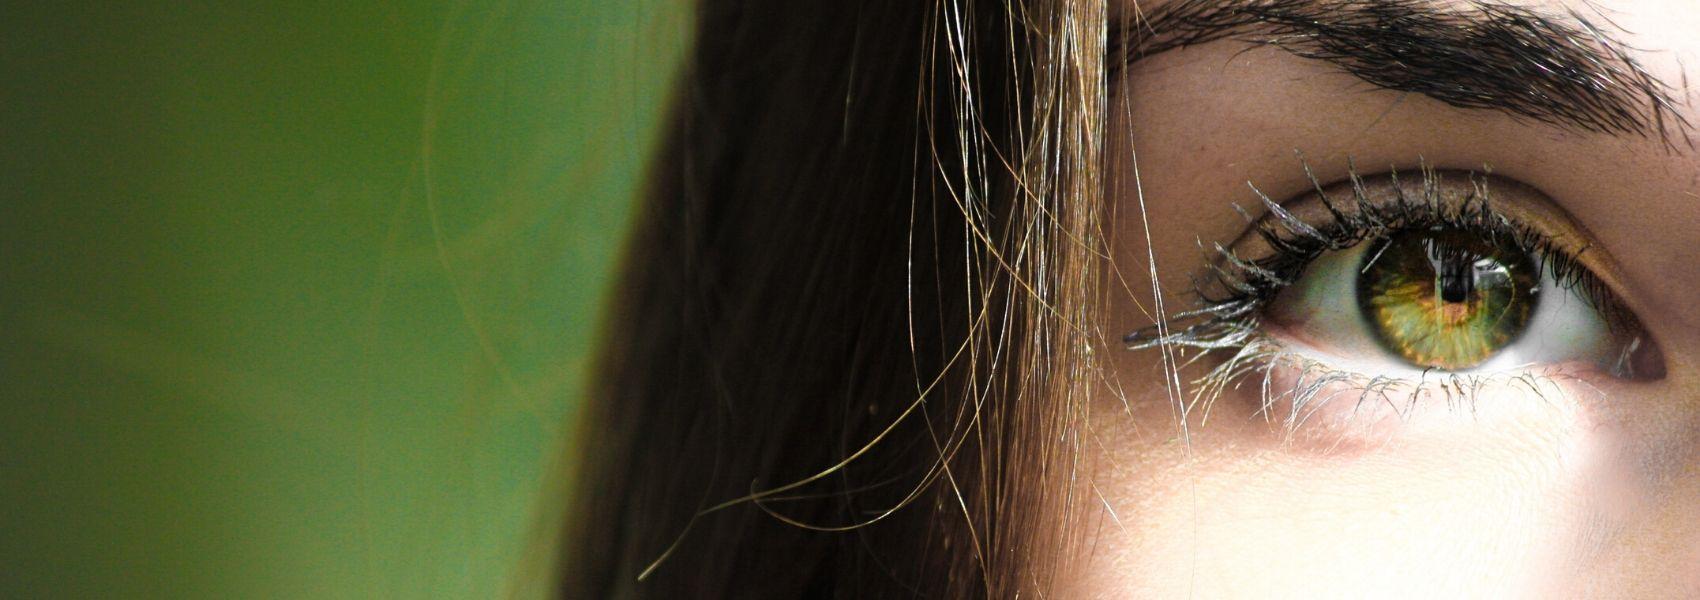 Estudo faz descoberta que ajuda a compreender uma das principais causas de cegueira